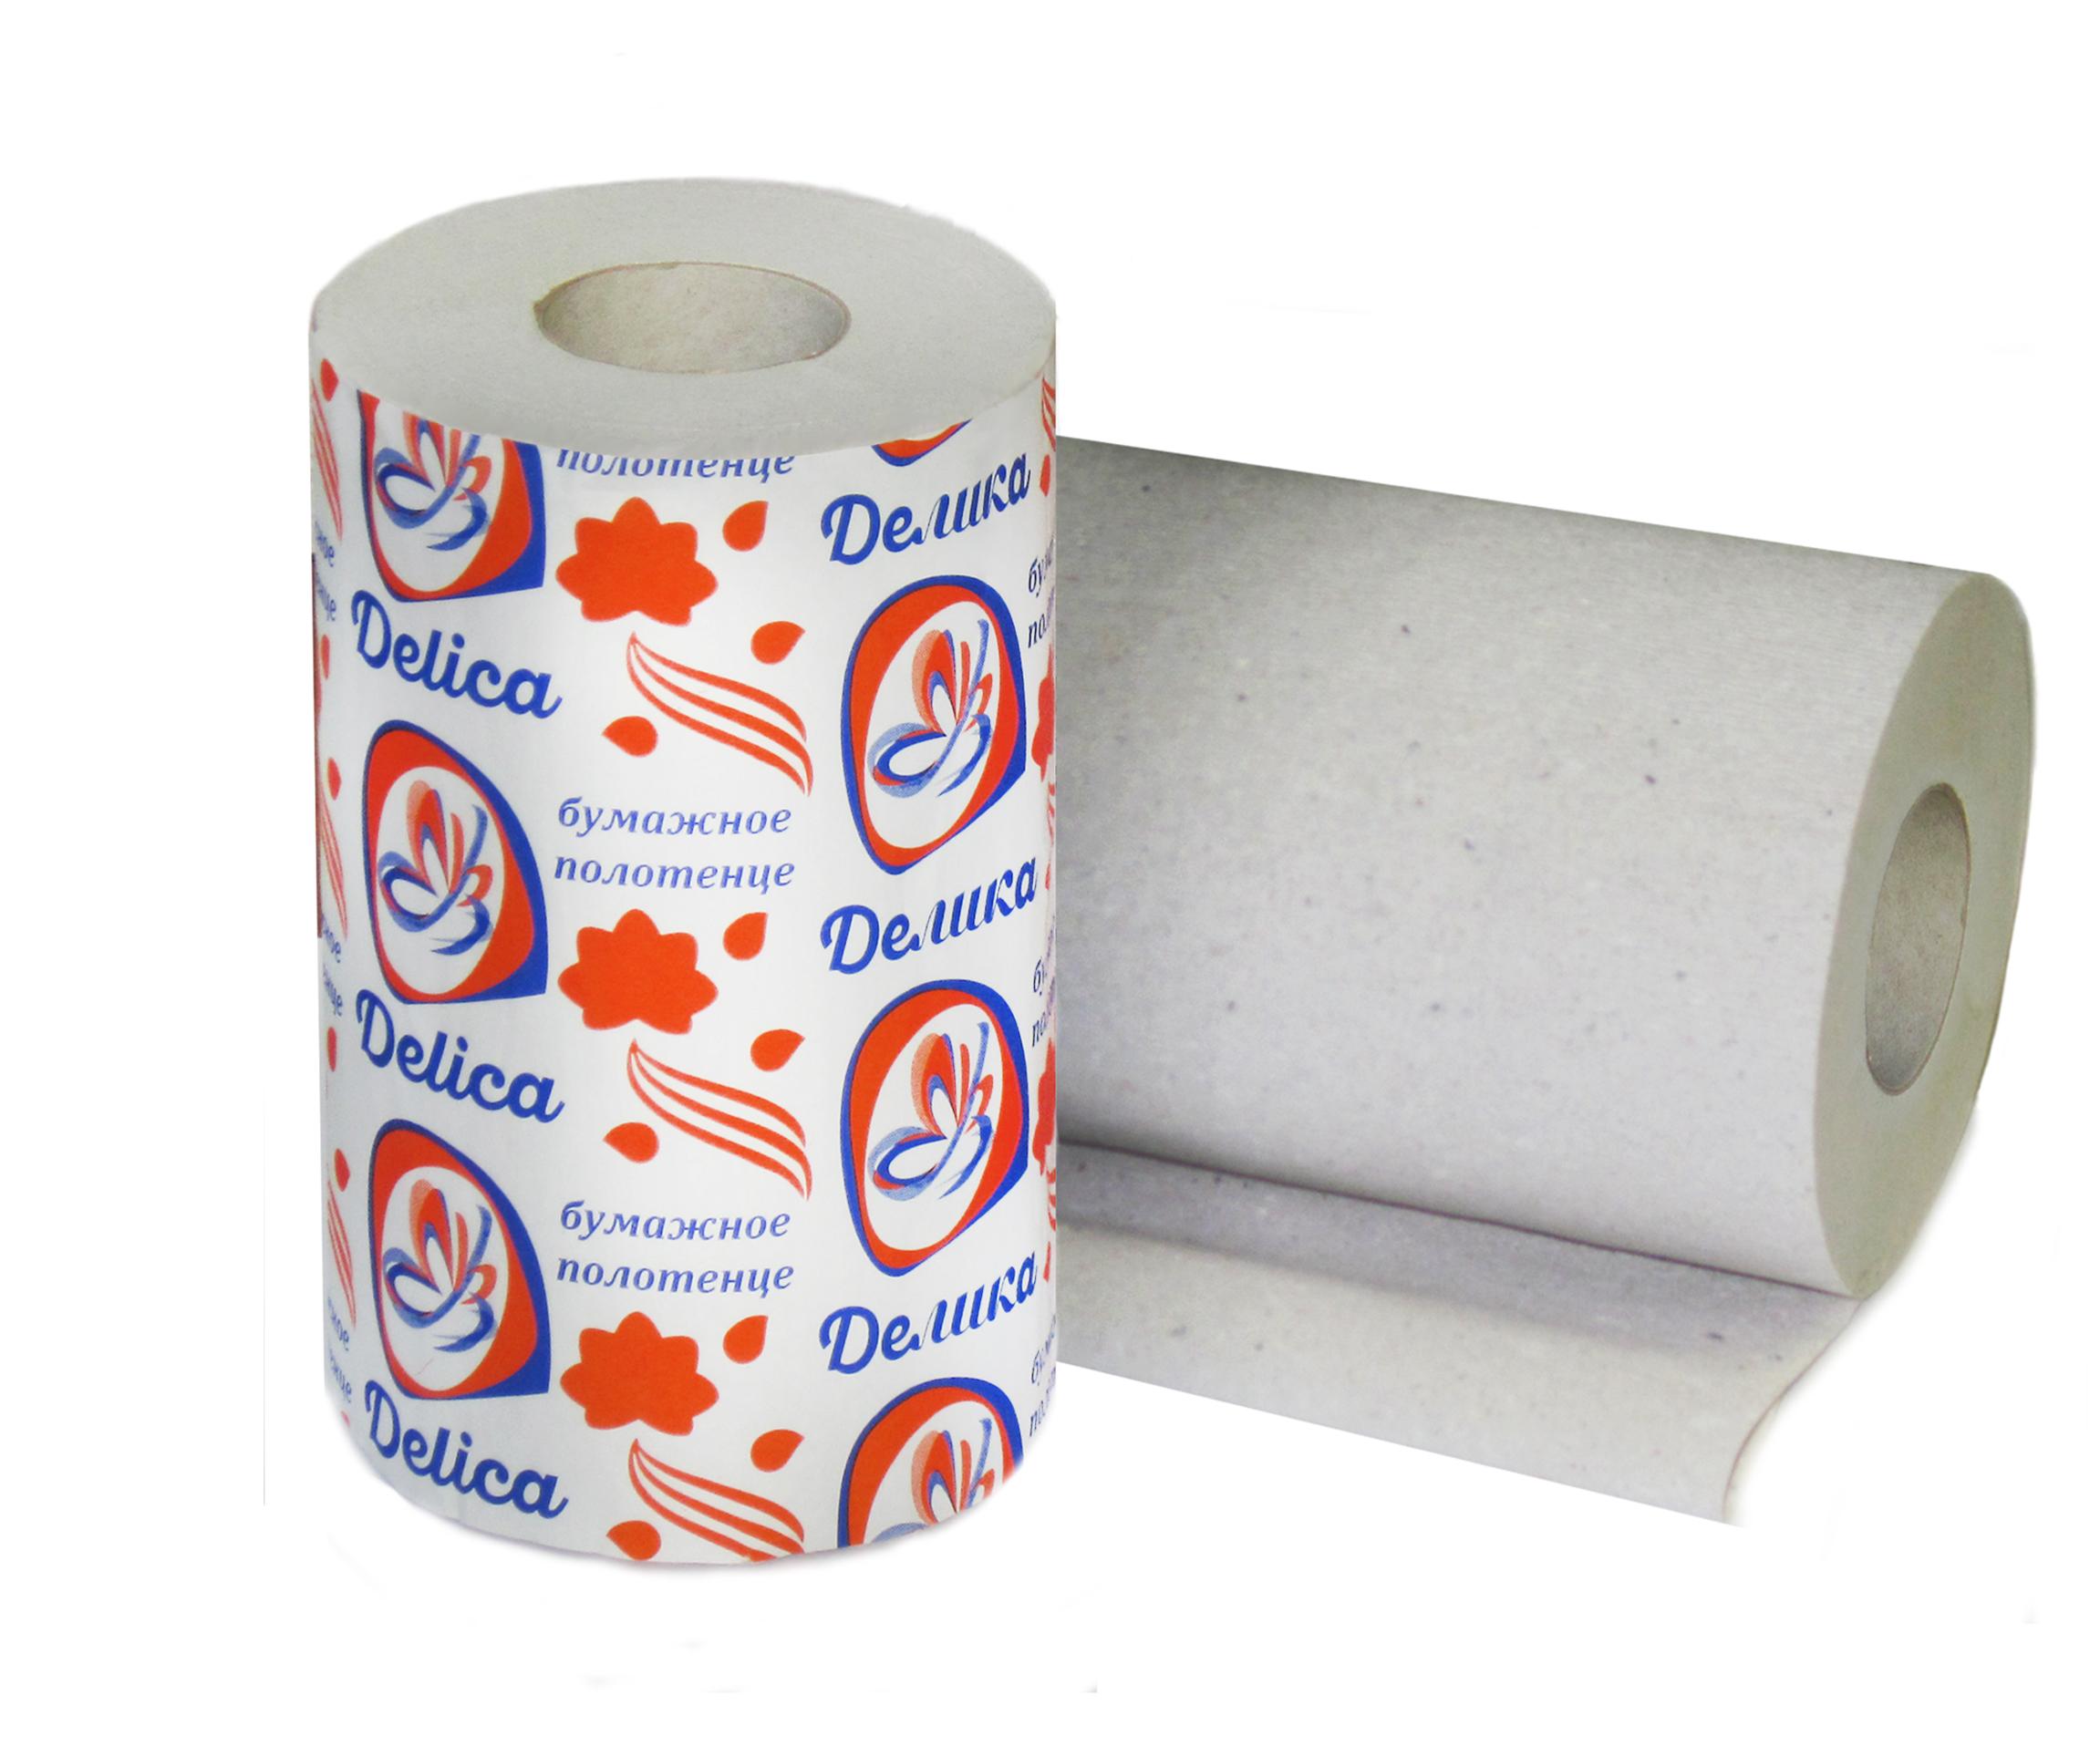 купить бумажные полотенца опт